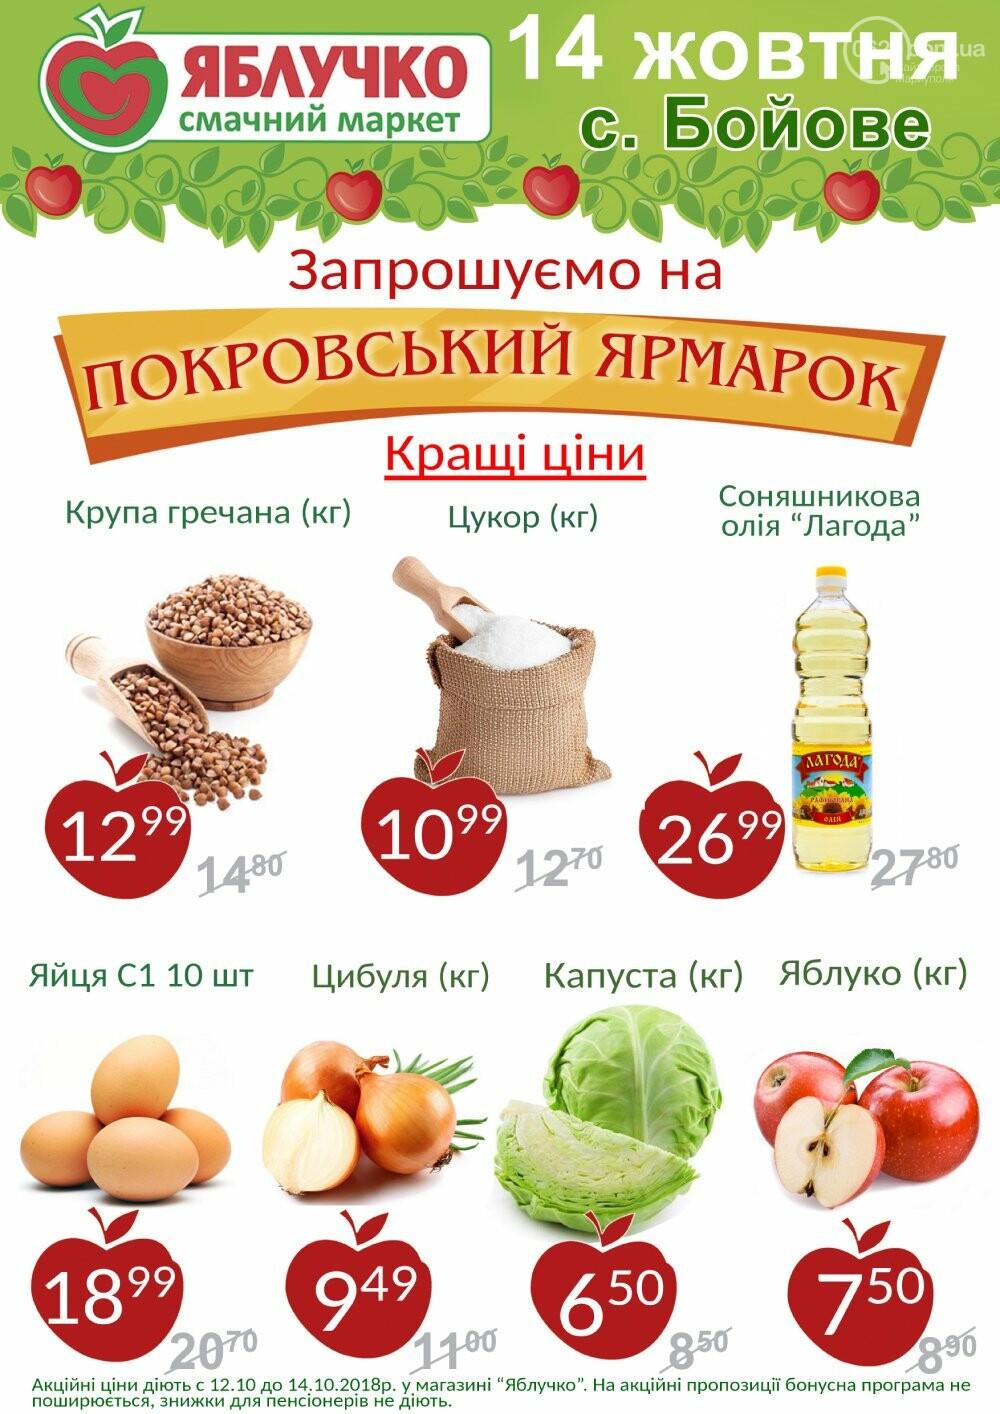 """12 - 14 жовтня Екоринок запрошує на """"Покровський  ярмарок"""", фото-2"""